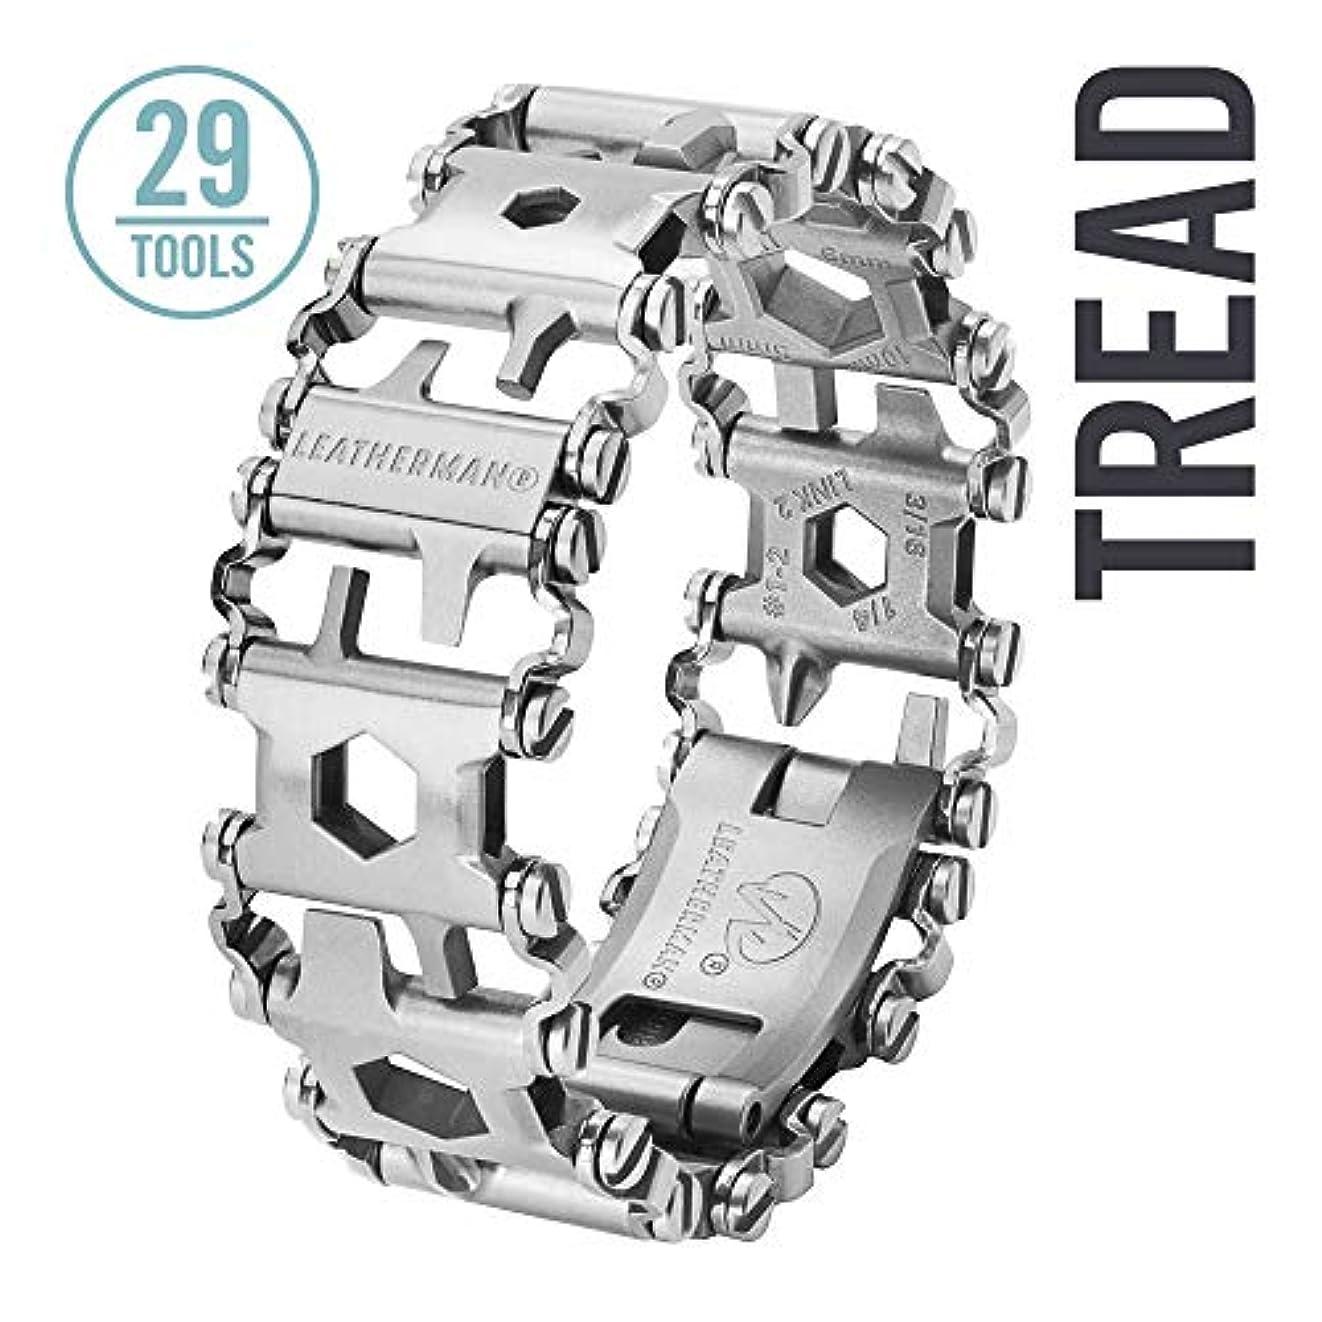 寸法政治家のロッジLEATHERMAN(レザーマン) TREAD トレッド in Box STAINLESS STEEL 831998 [並行輸入品]